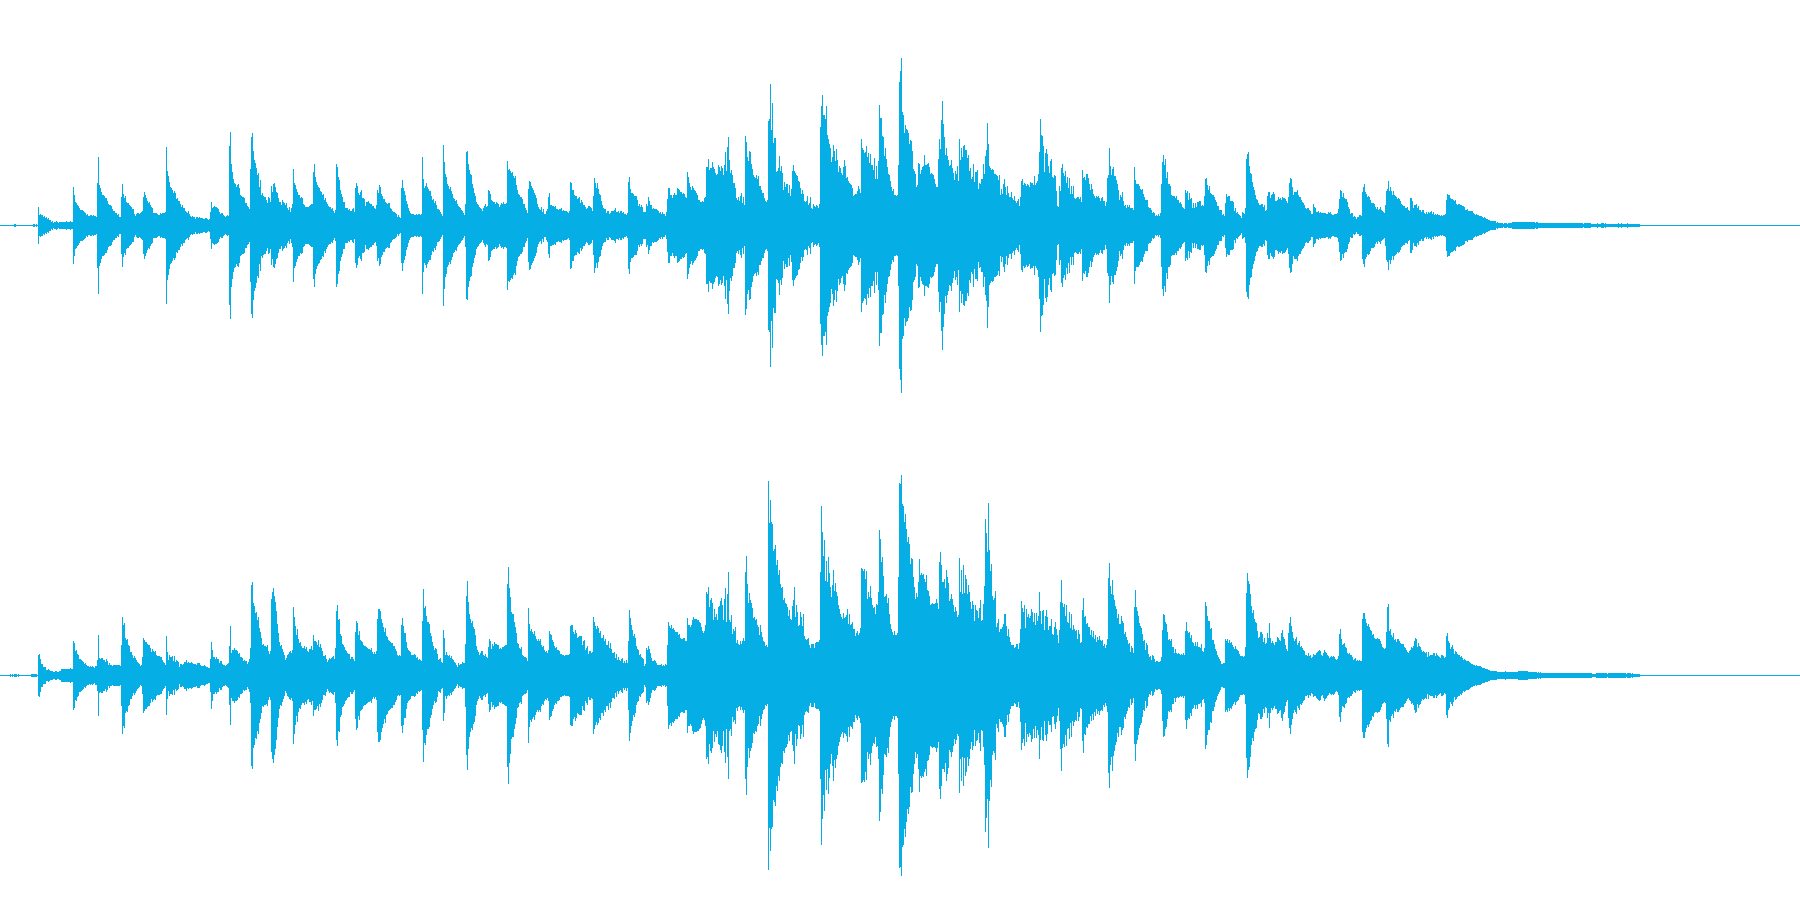 切なく優しいピアノ曲の再生済みの波形